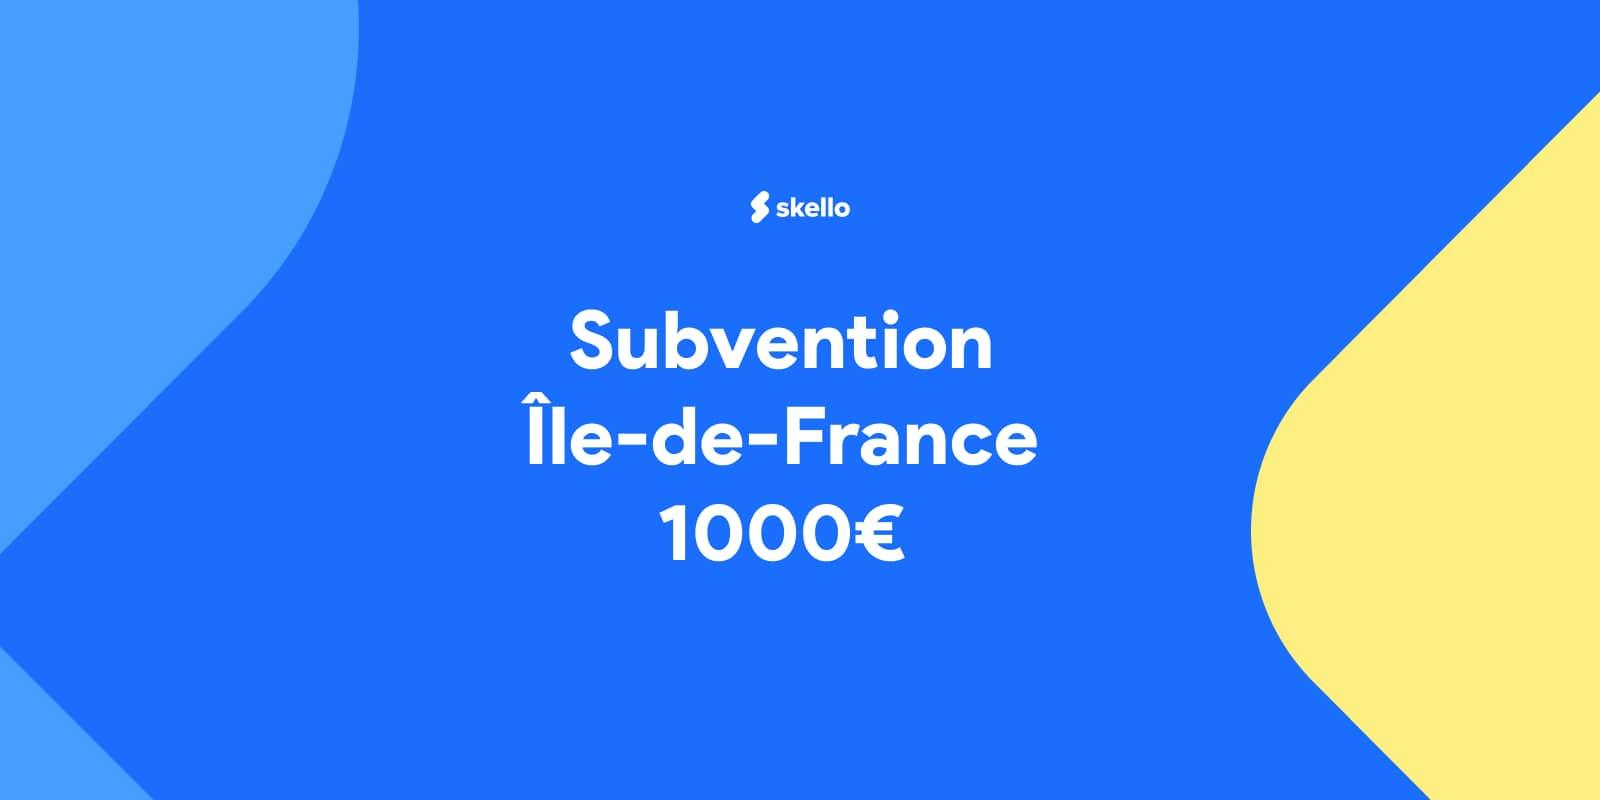 Commerces et secteur HCR : subvention de 1000 euros en Île-de-France